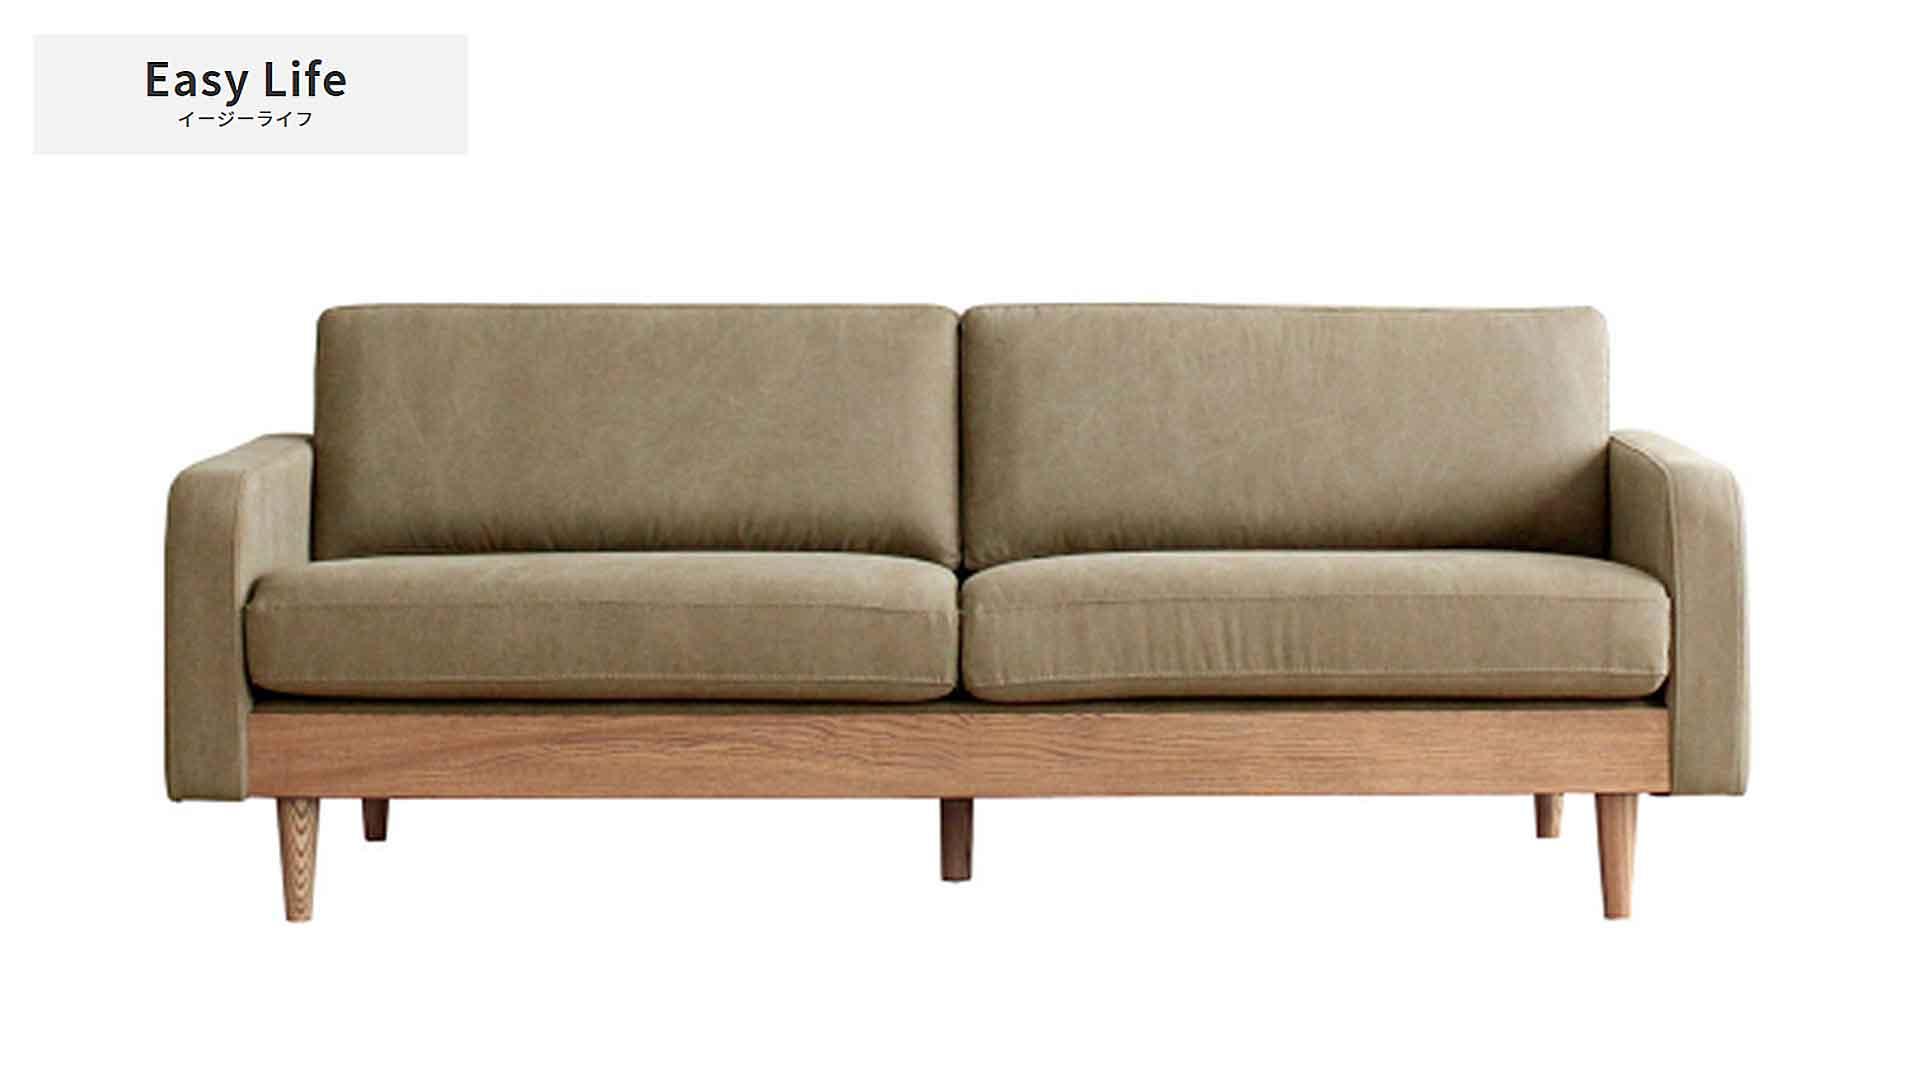 クラッシュクラッシュのイージーライフのソファ、フリートの画像